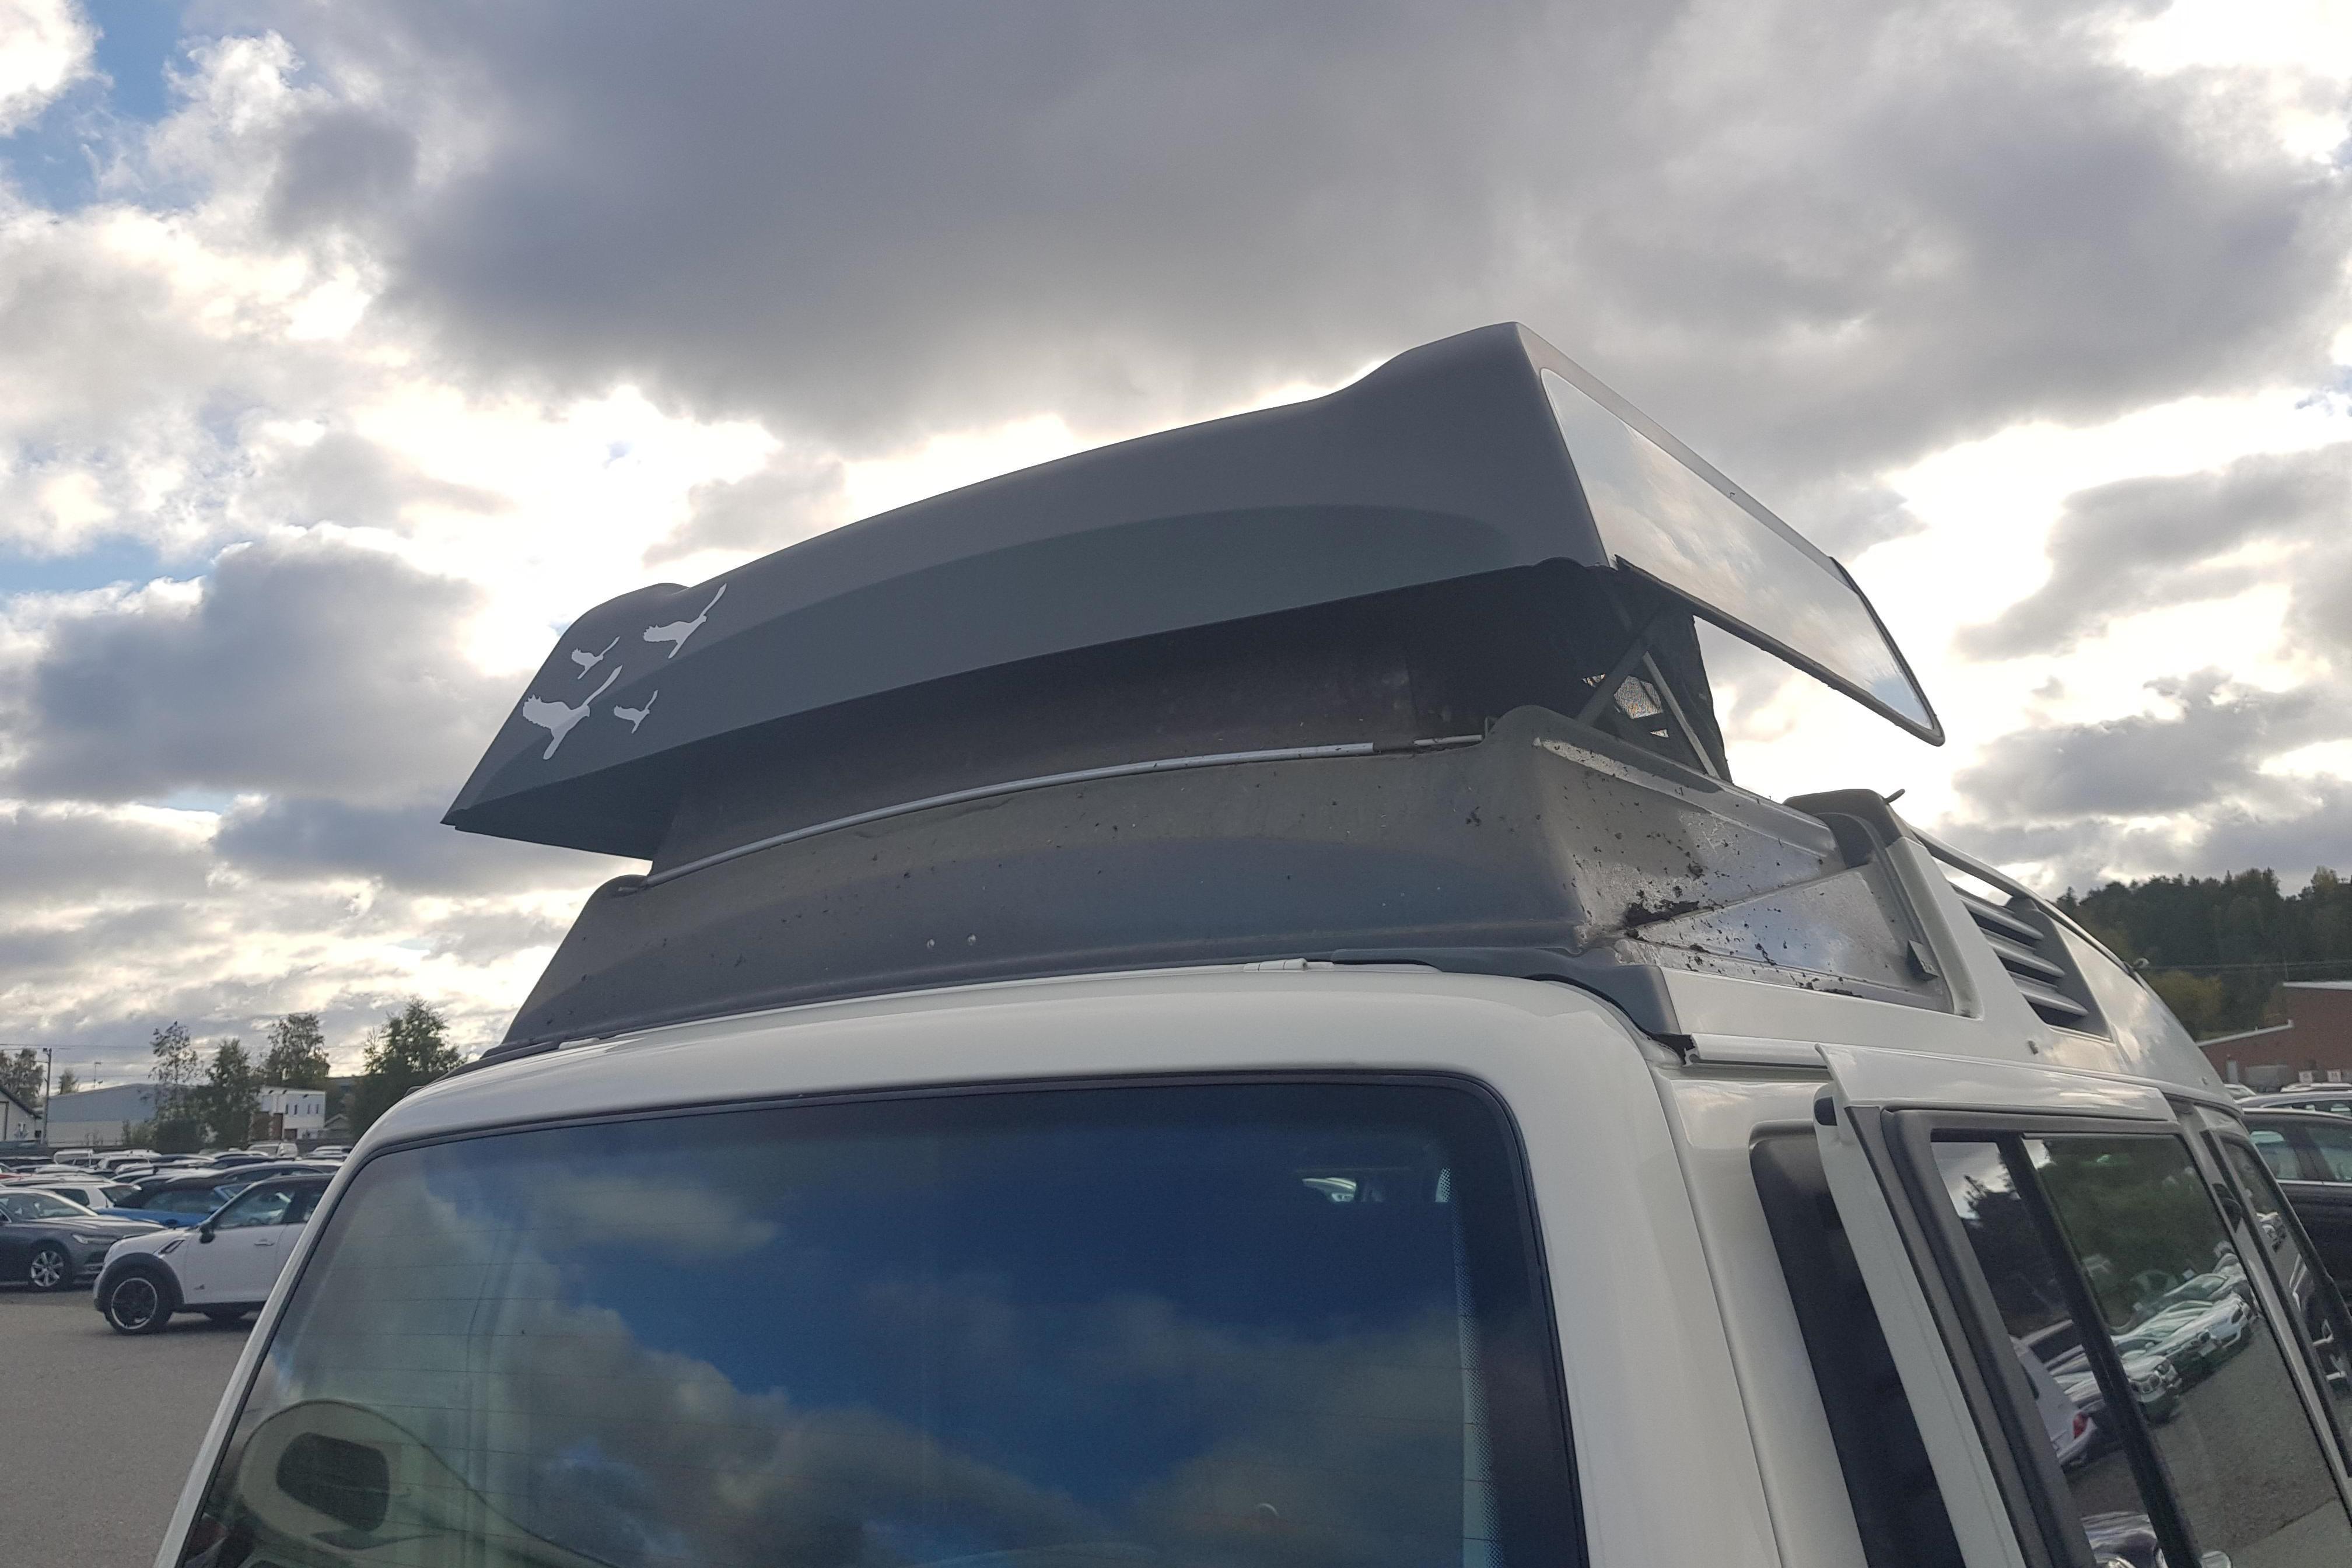 VW Transporter T4 2.5 TDI PROFI GL Camper Campingbil - 0 mil - Manuell - vit - 1997